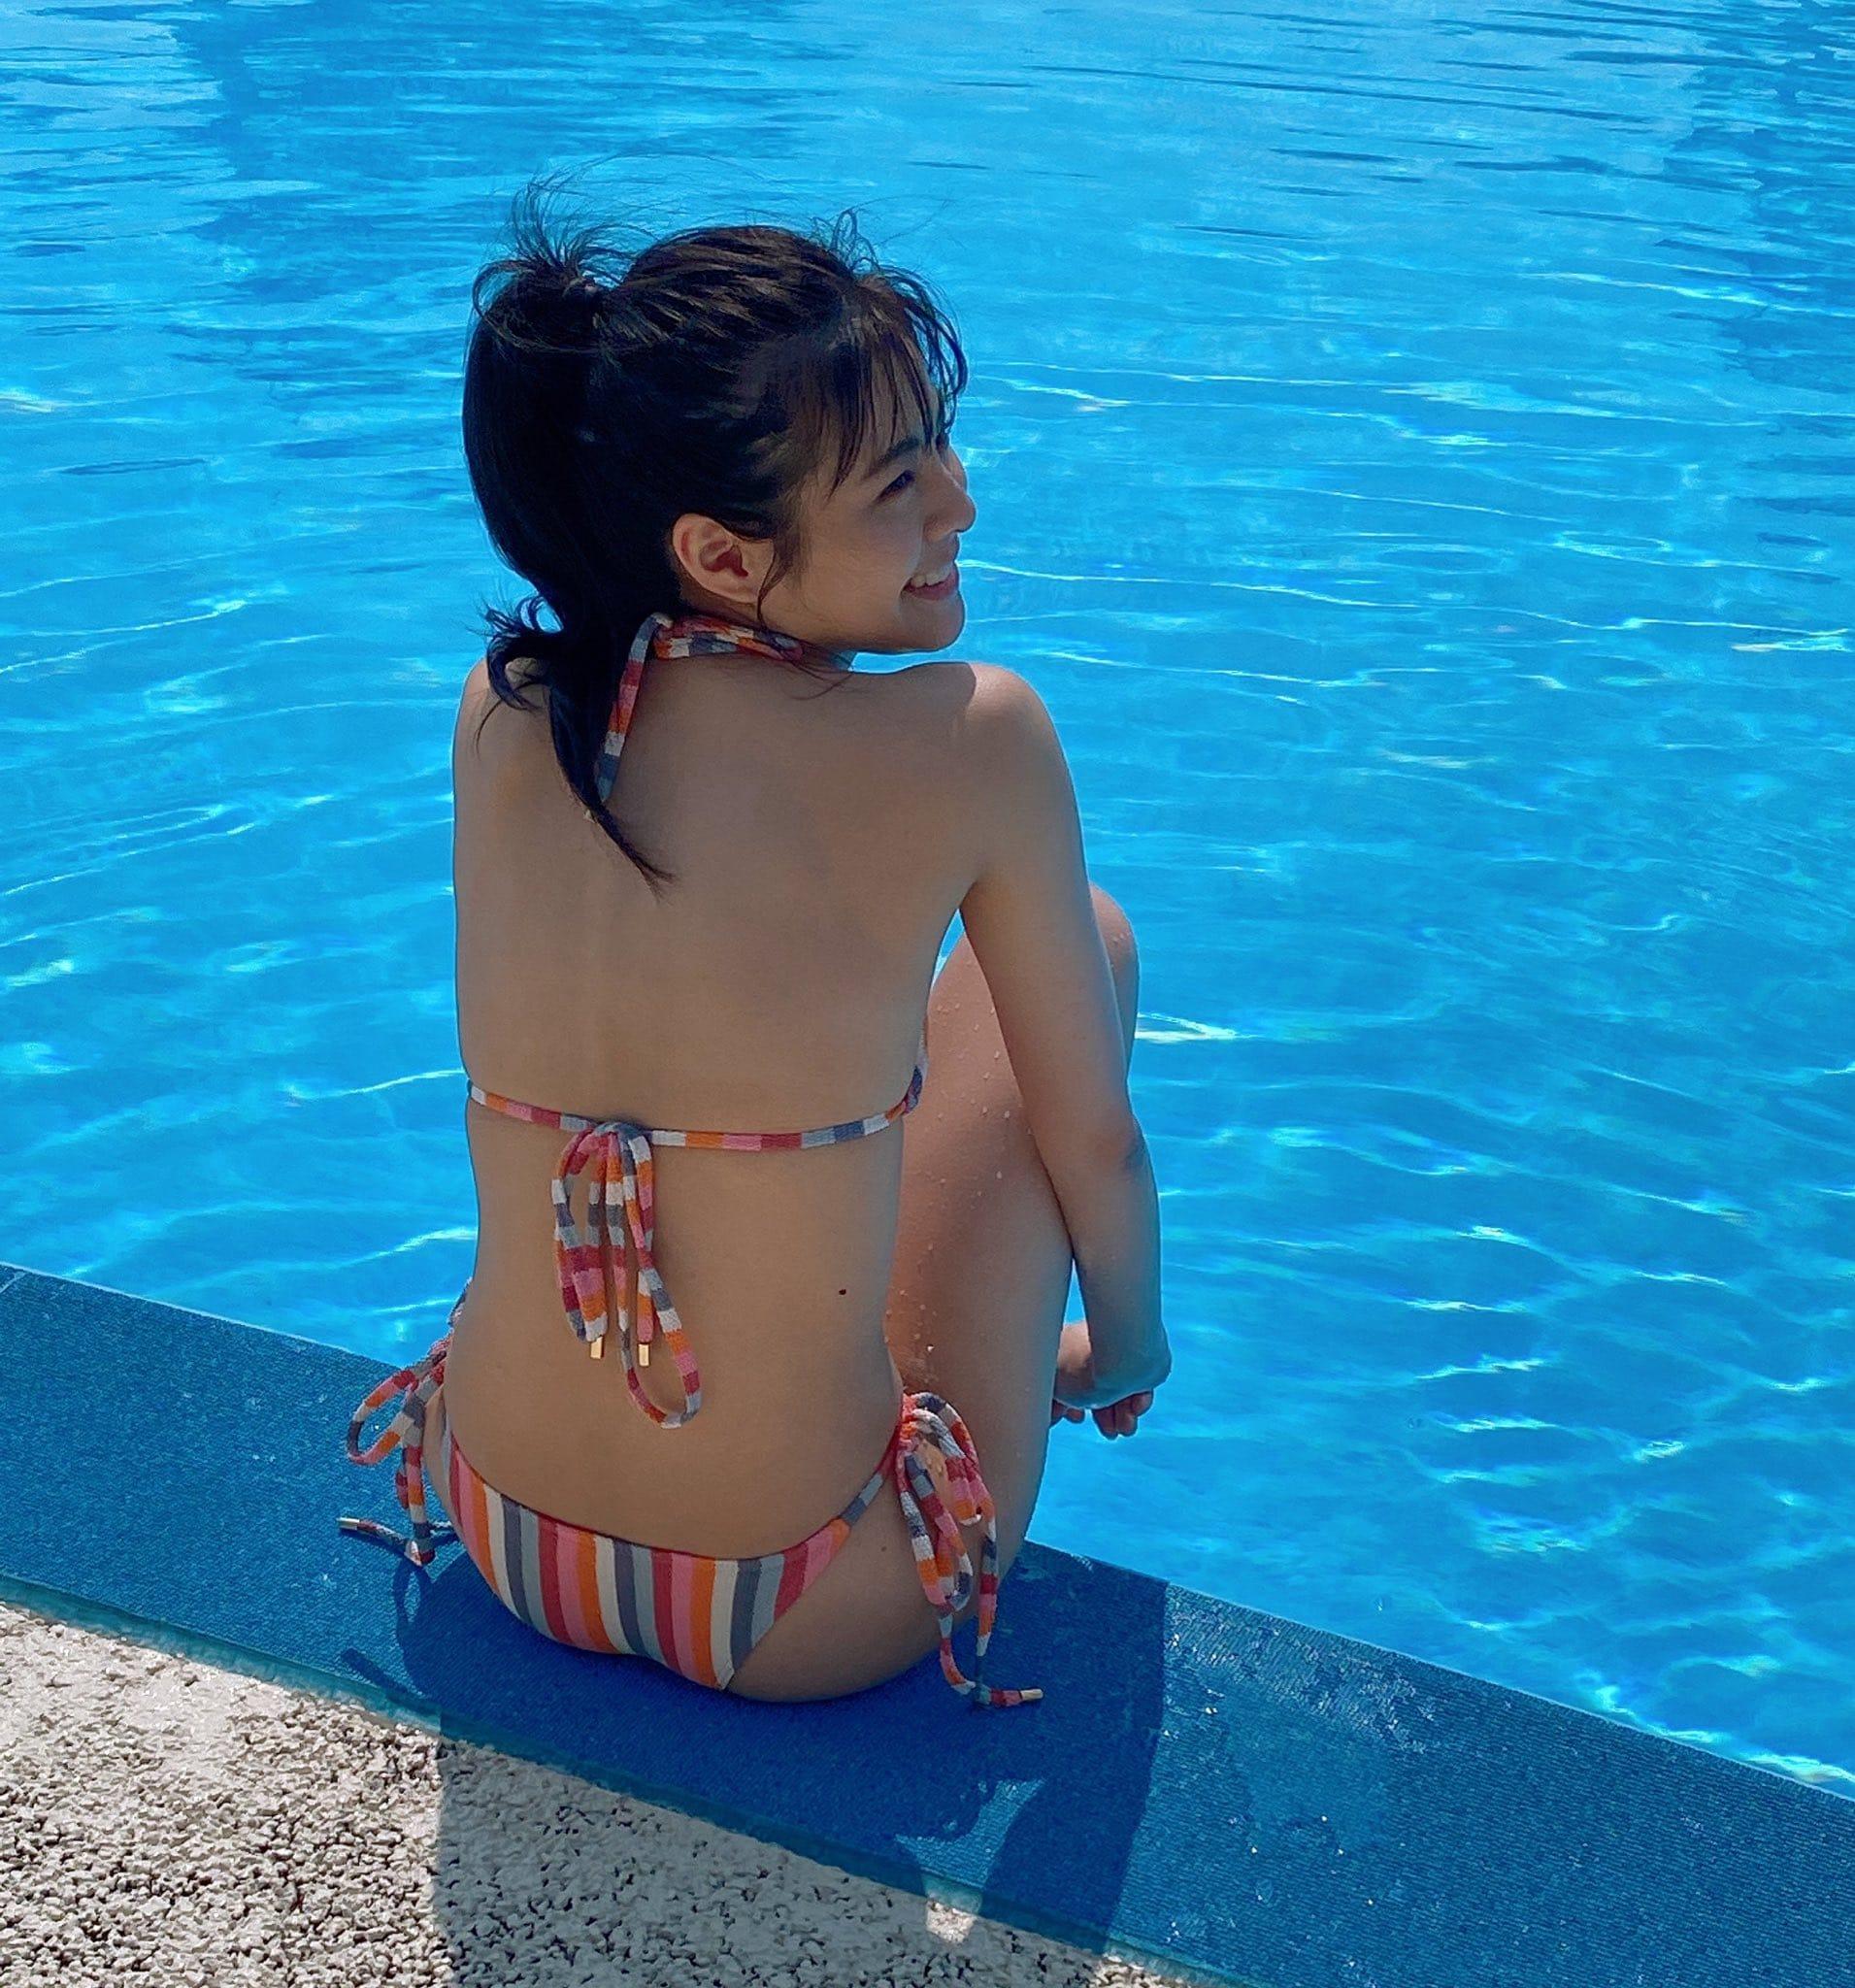 NGT48本間日陽「ヘルシーな美スタイルを披露!」写真集アザーカットにファン胸キュン【画像4枚】の画像001